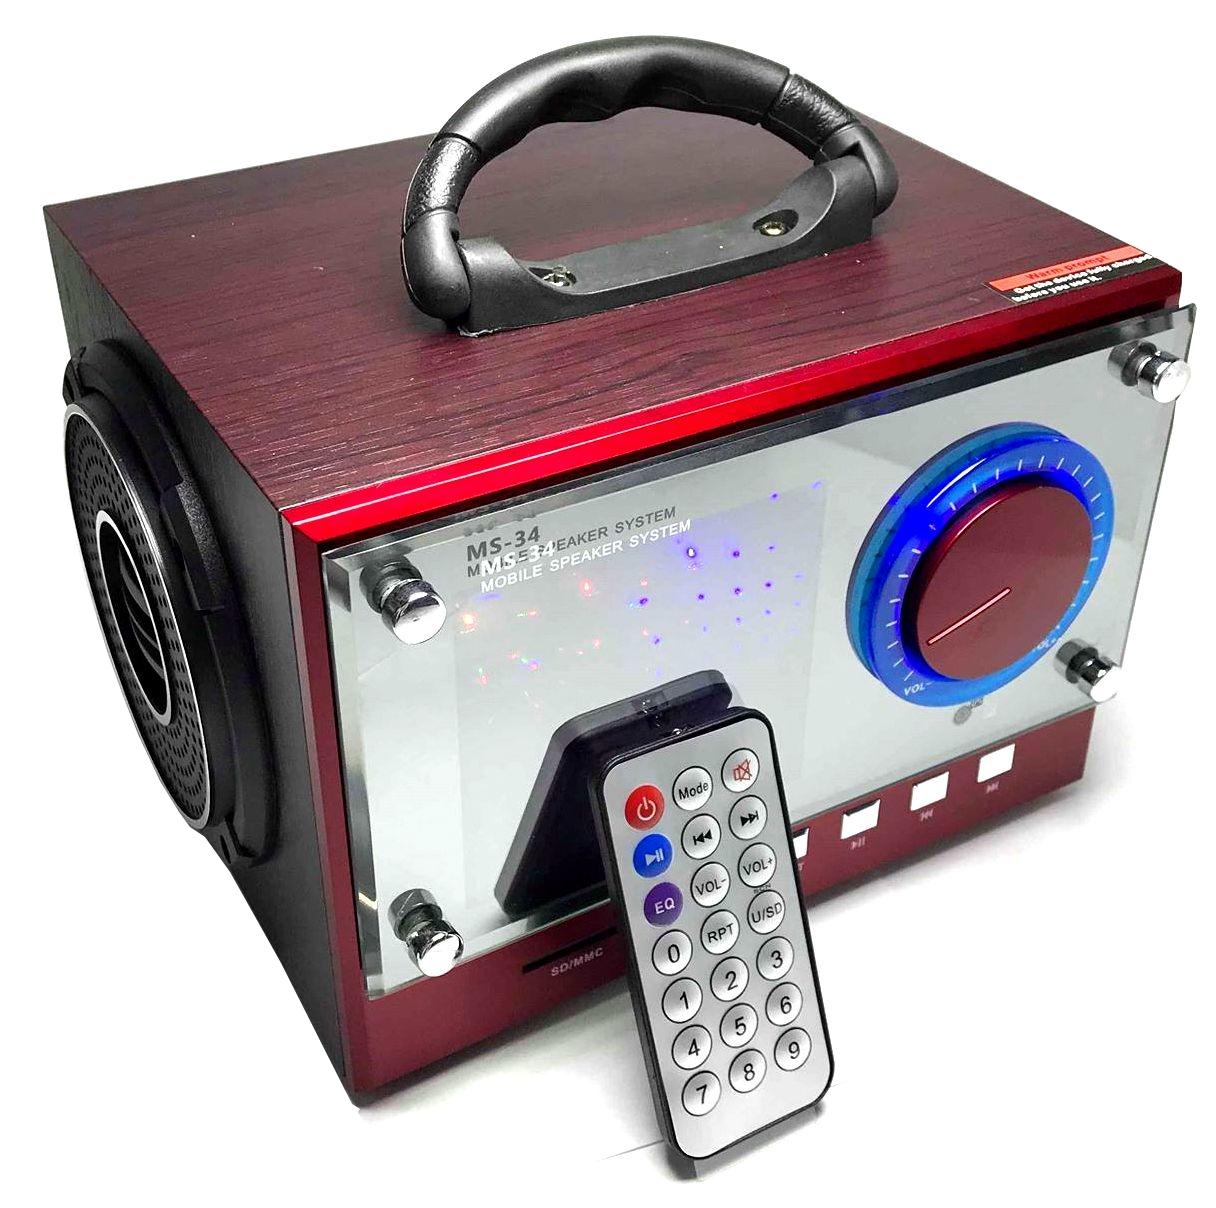 BEZDRÁTOVÝ BLUETOOTH REPRODUKTOR, FM RÁDIO (Nabíjecí, přenosný, bluetooth reproduktor s ovladačem a